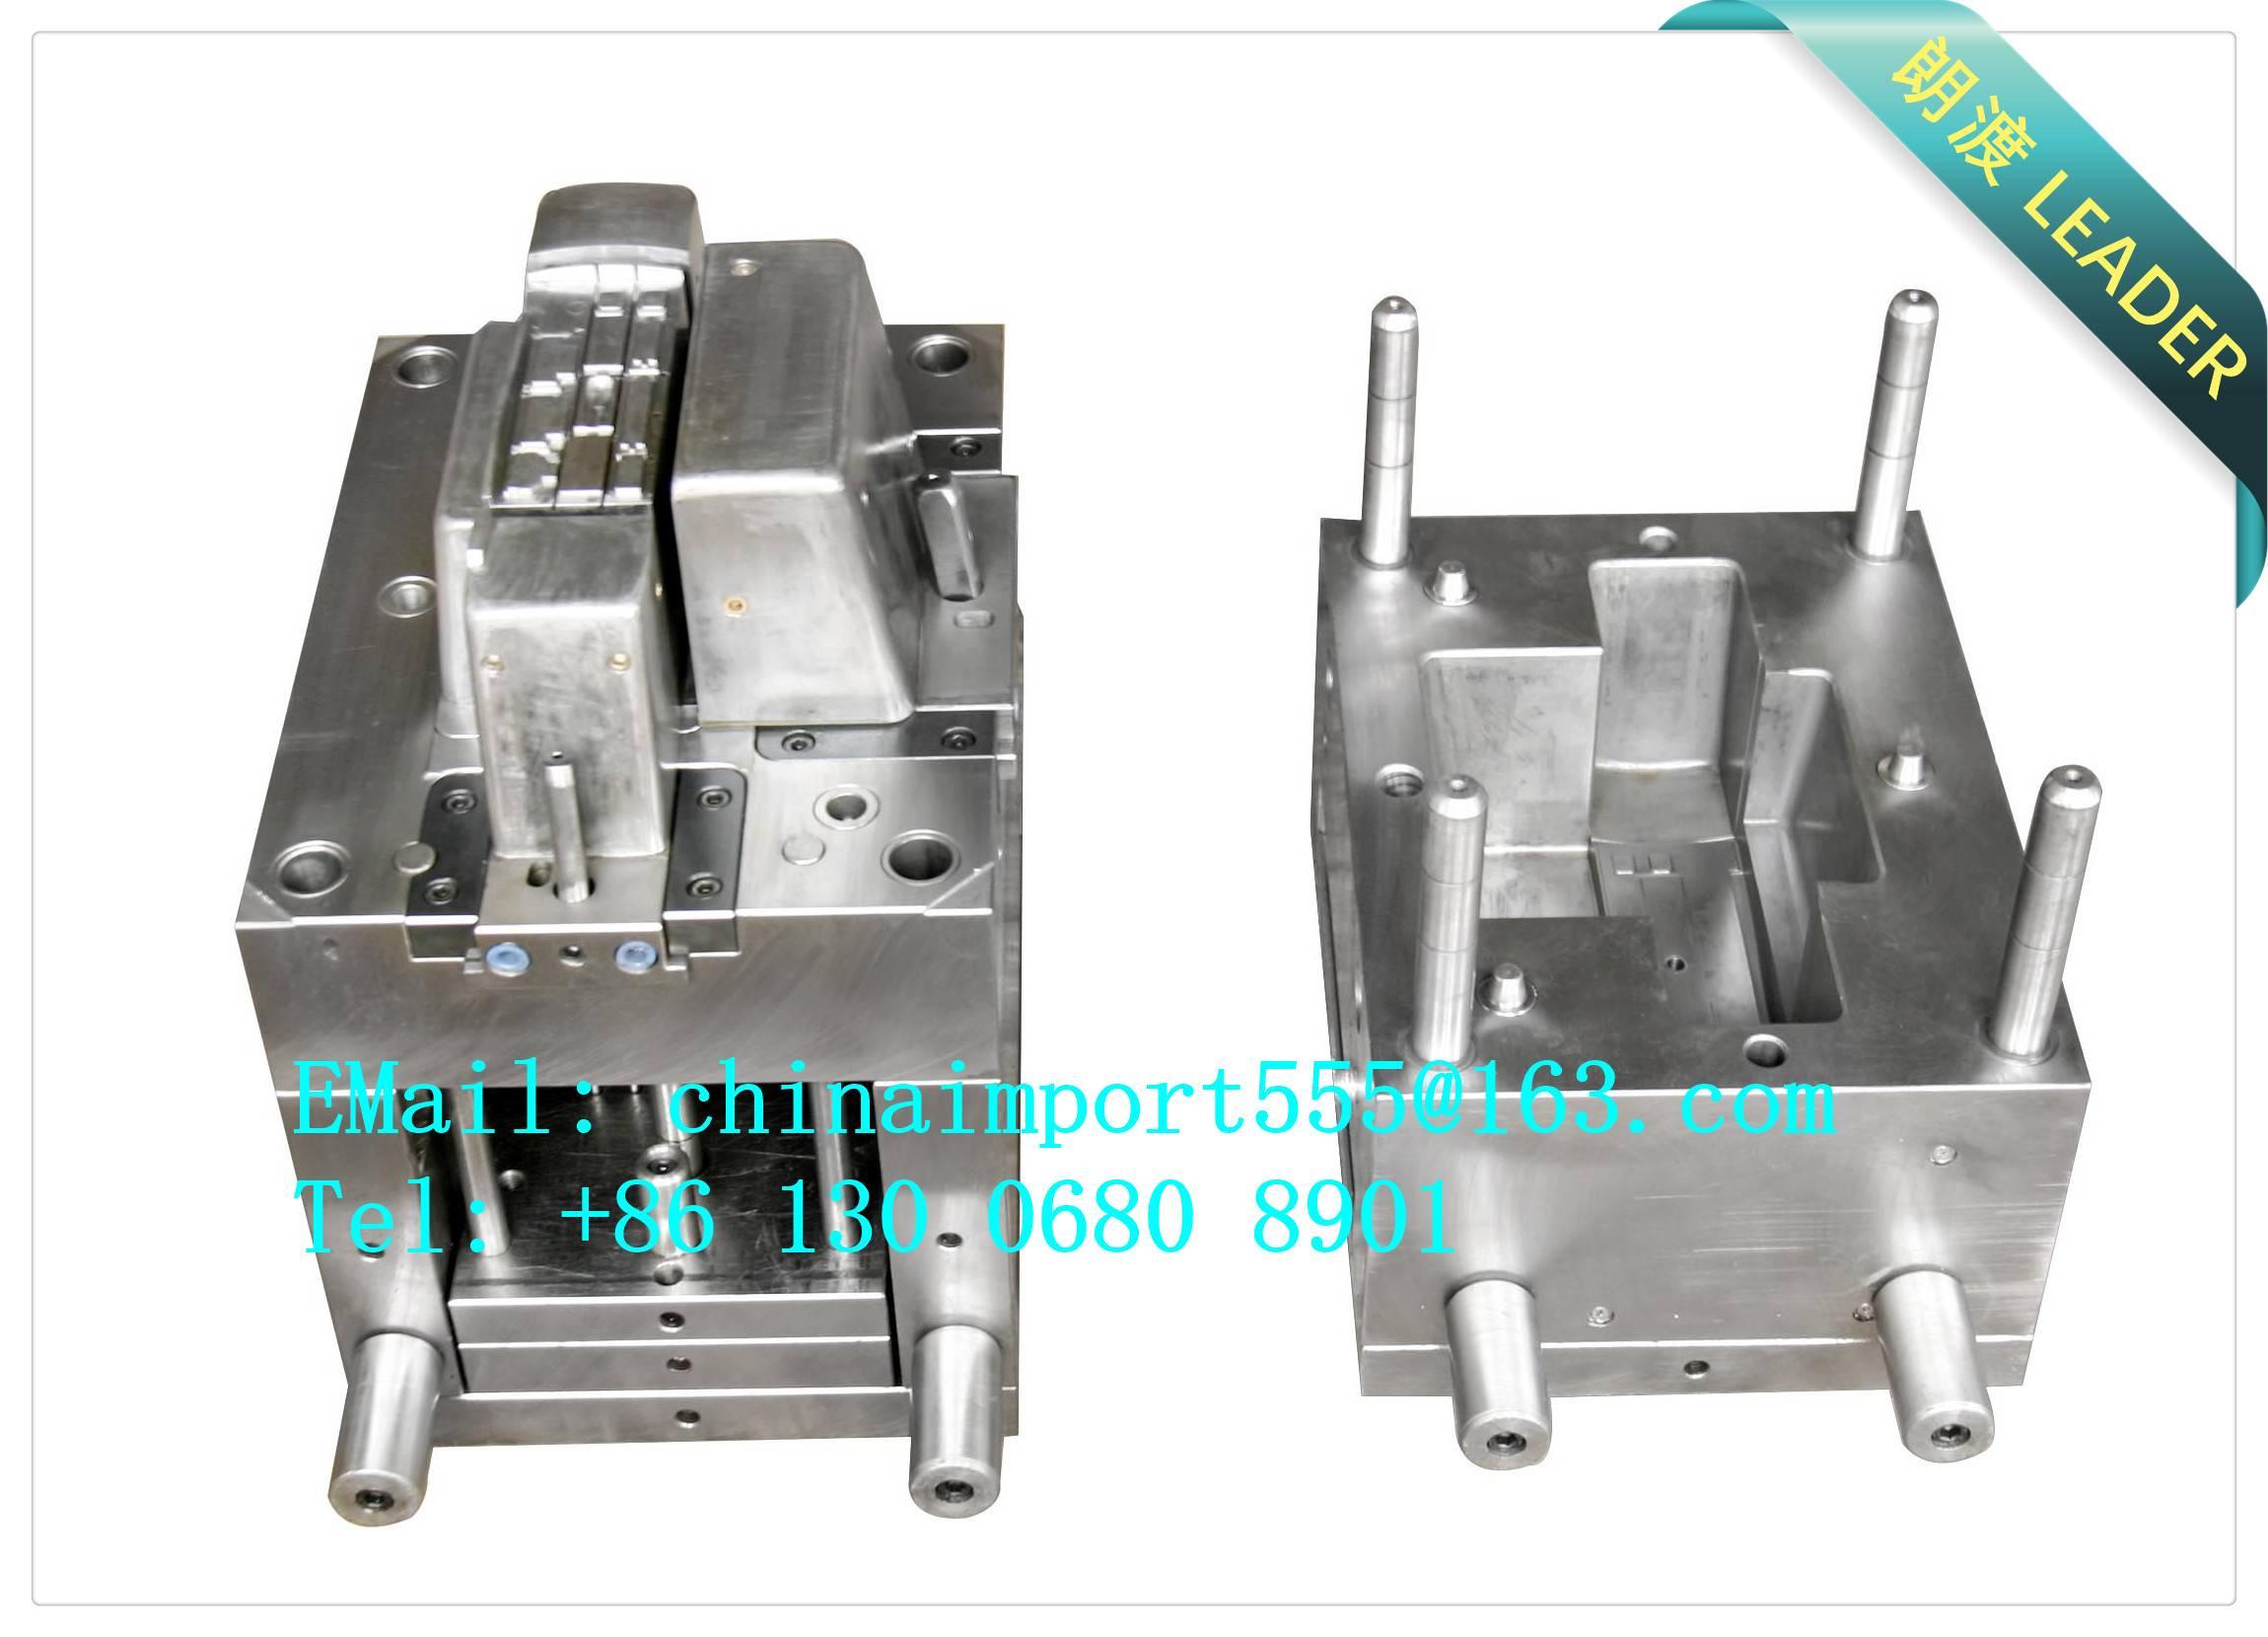 2nd hand Mold To Shenzhen Customs Procedure